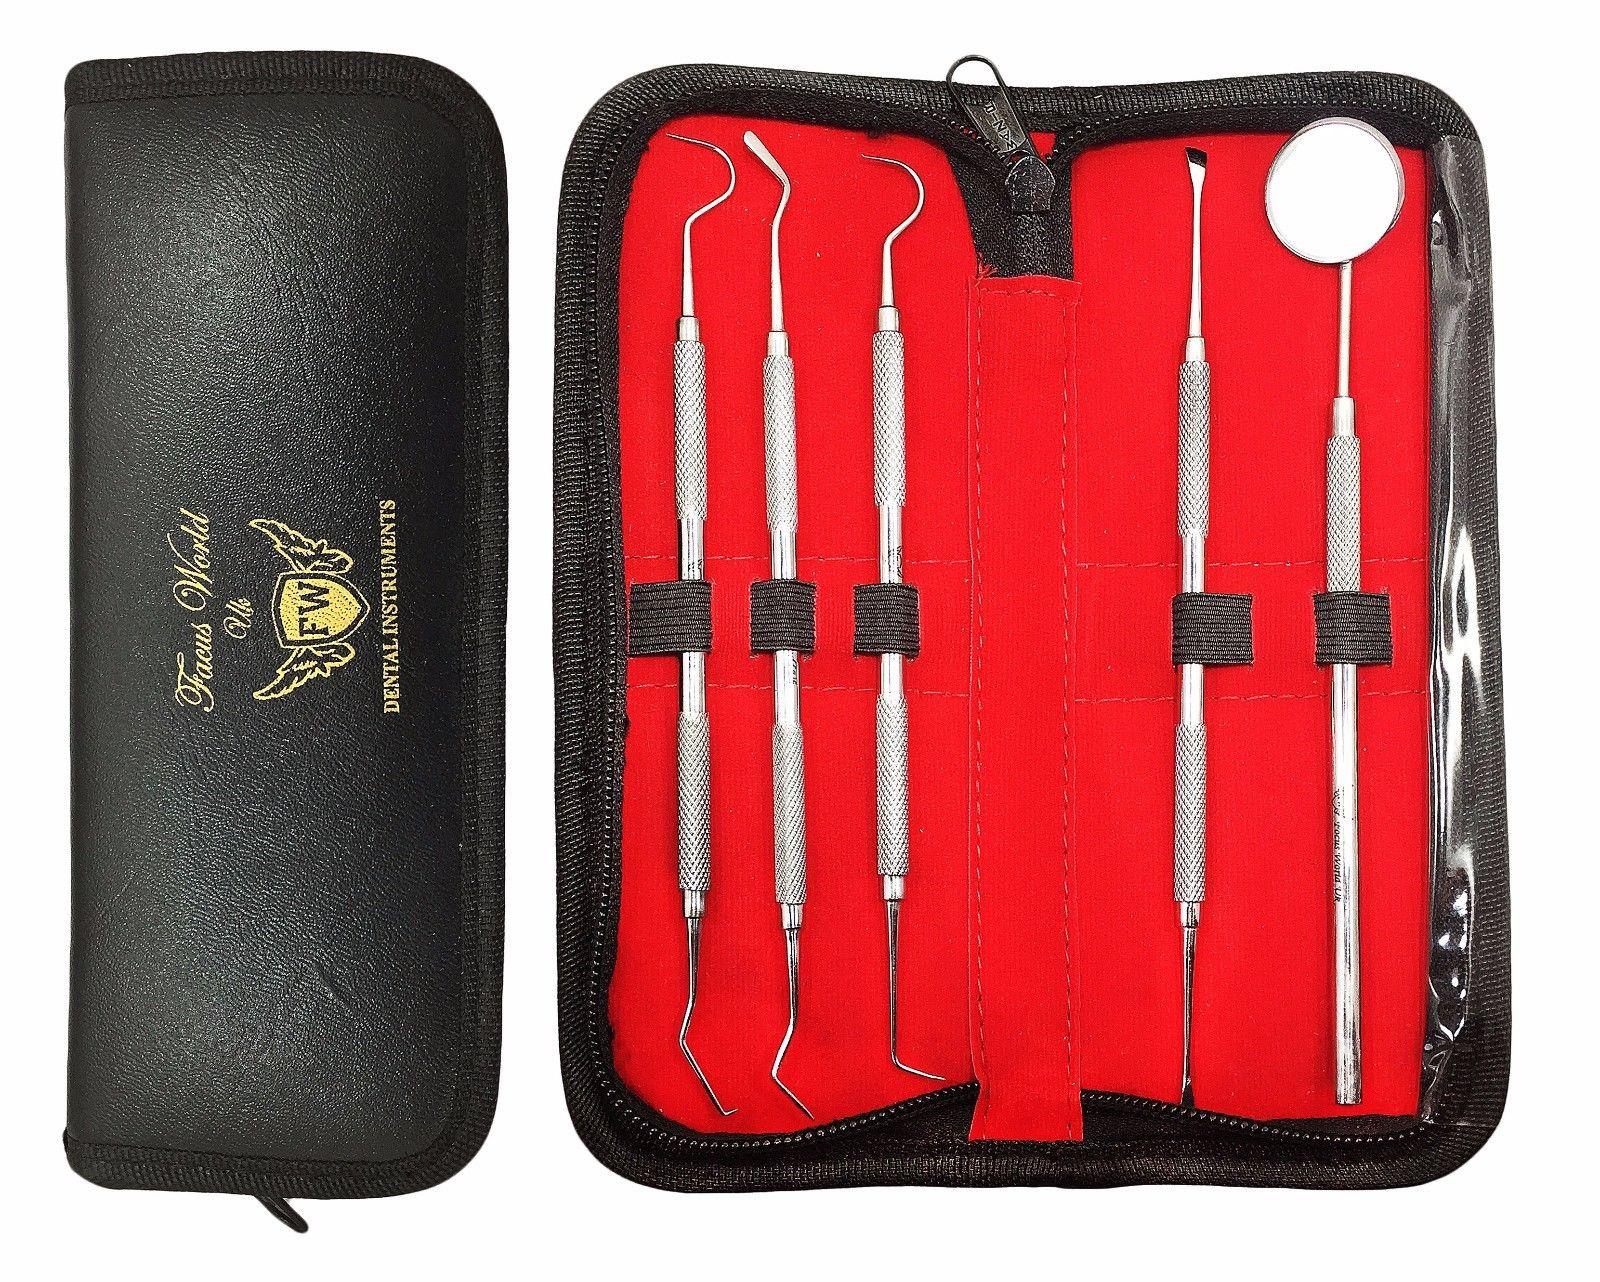 Laadukas hampaidenhoitosetti, 5 instrumenttia joista 4 tuplapäällä